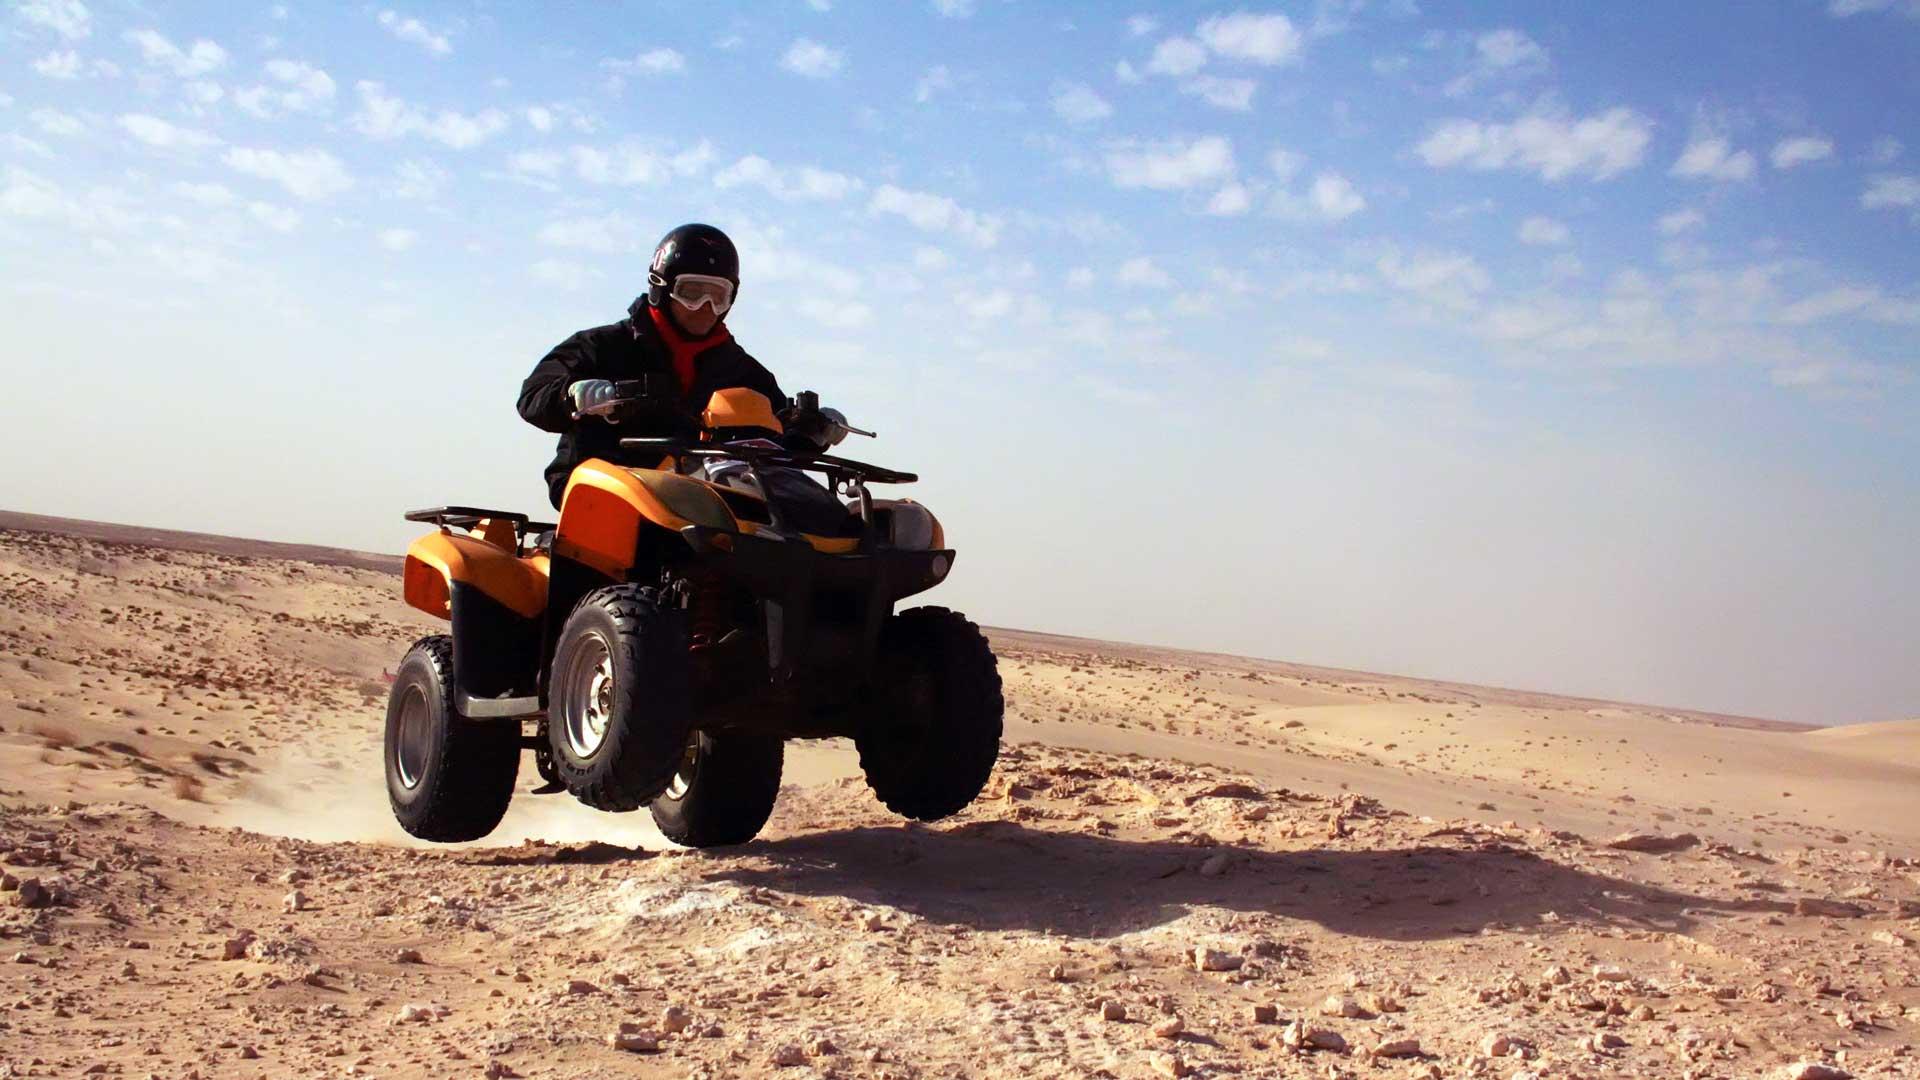 Actividades. Quad en el desierto, Marruecos.